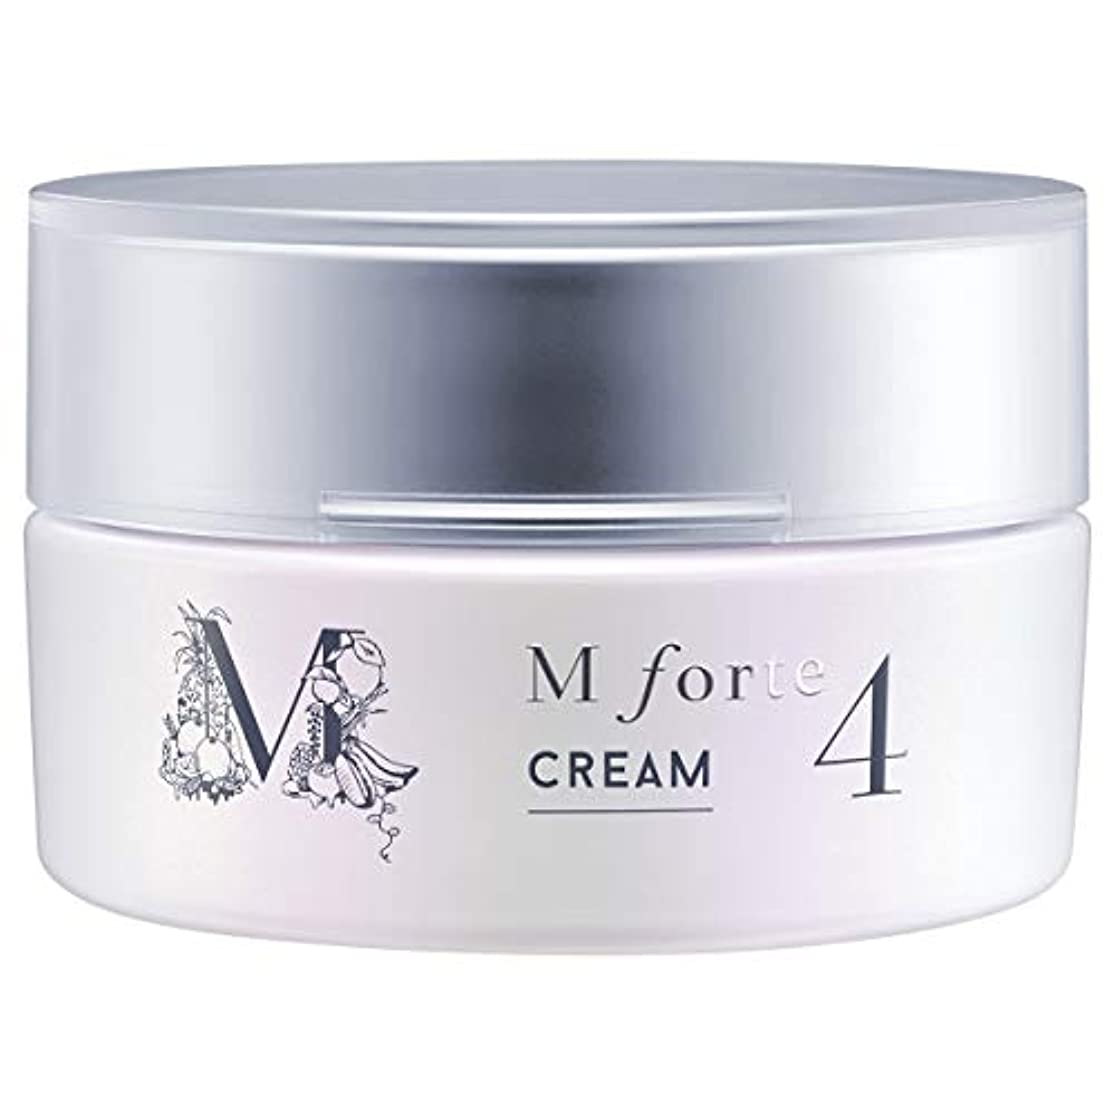 提供絶対に優雅な万田酵素 エムフォルテ リッチモイストクリーム 30g 保湿クリーム